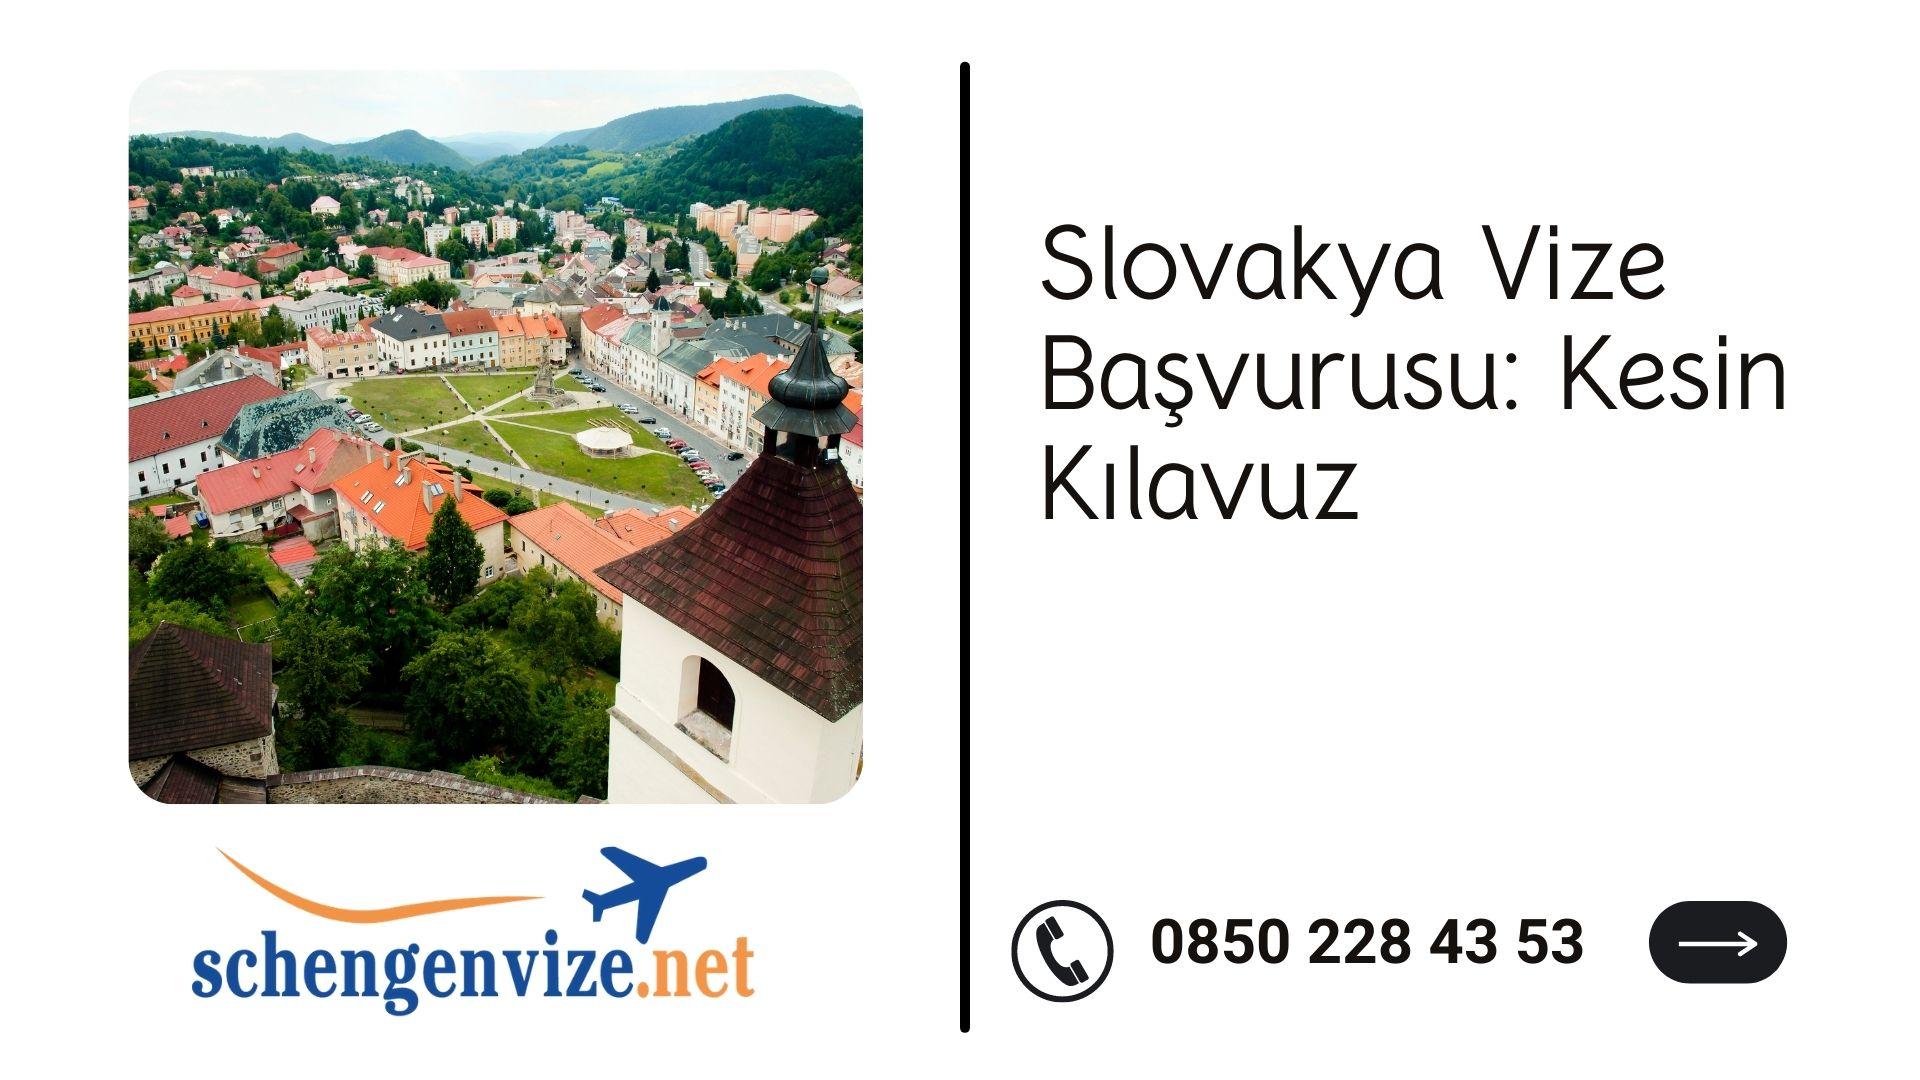 Slovakya Vize Başvurusu: Kesin Kılavuz 2021